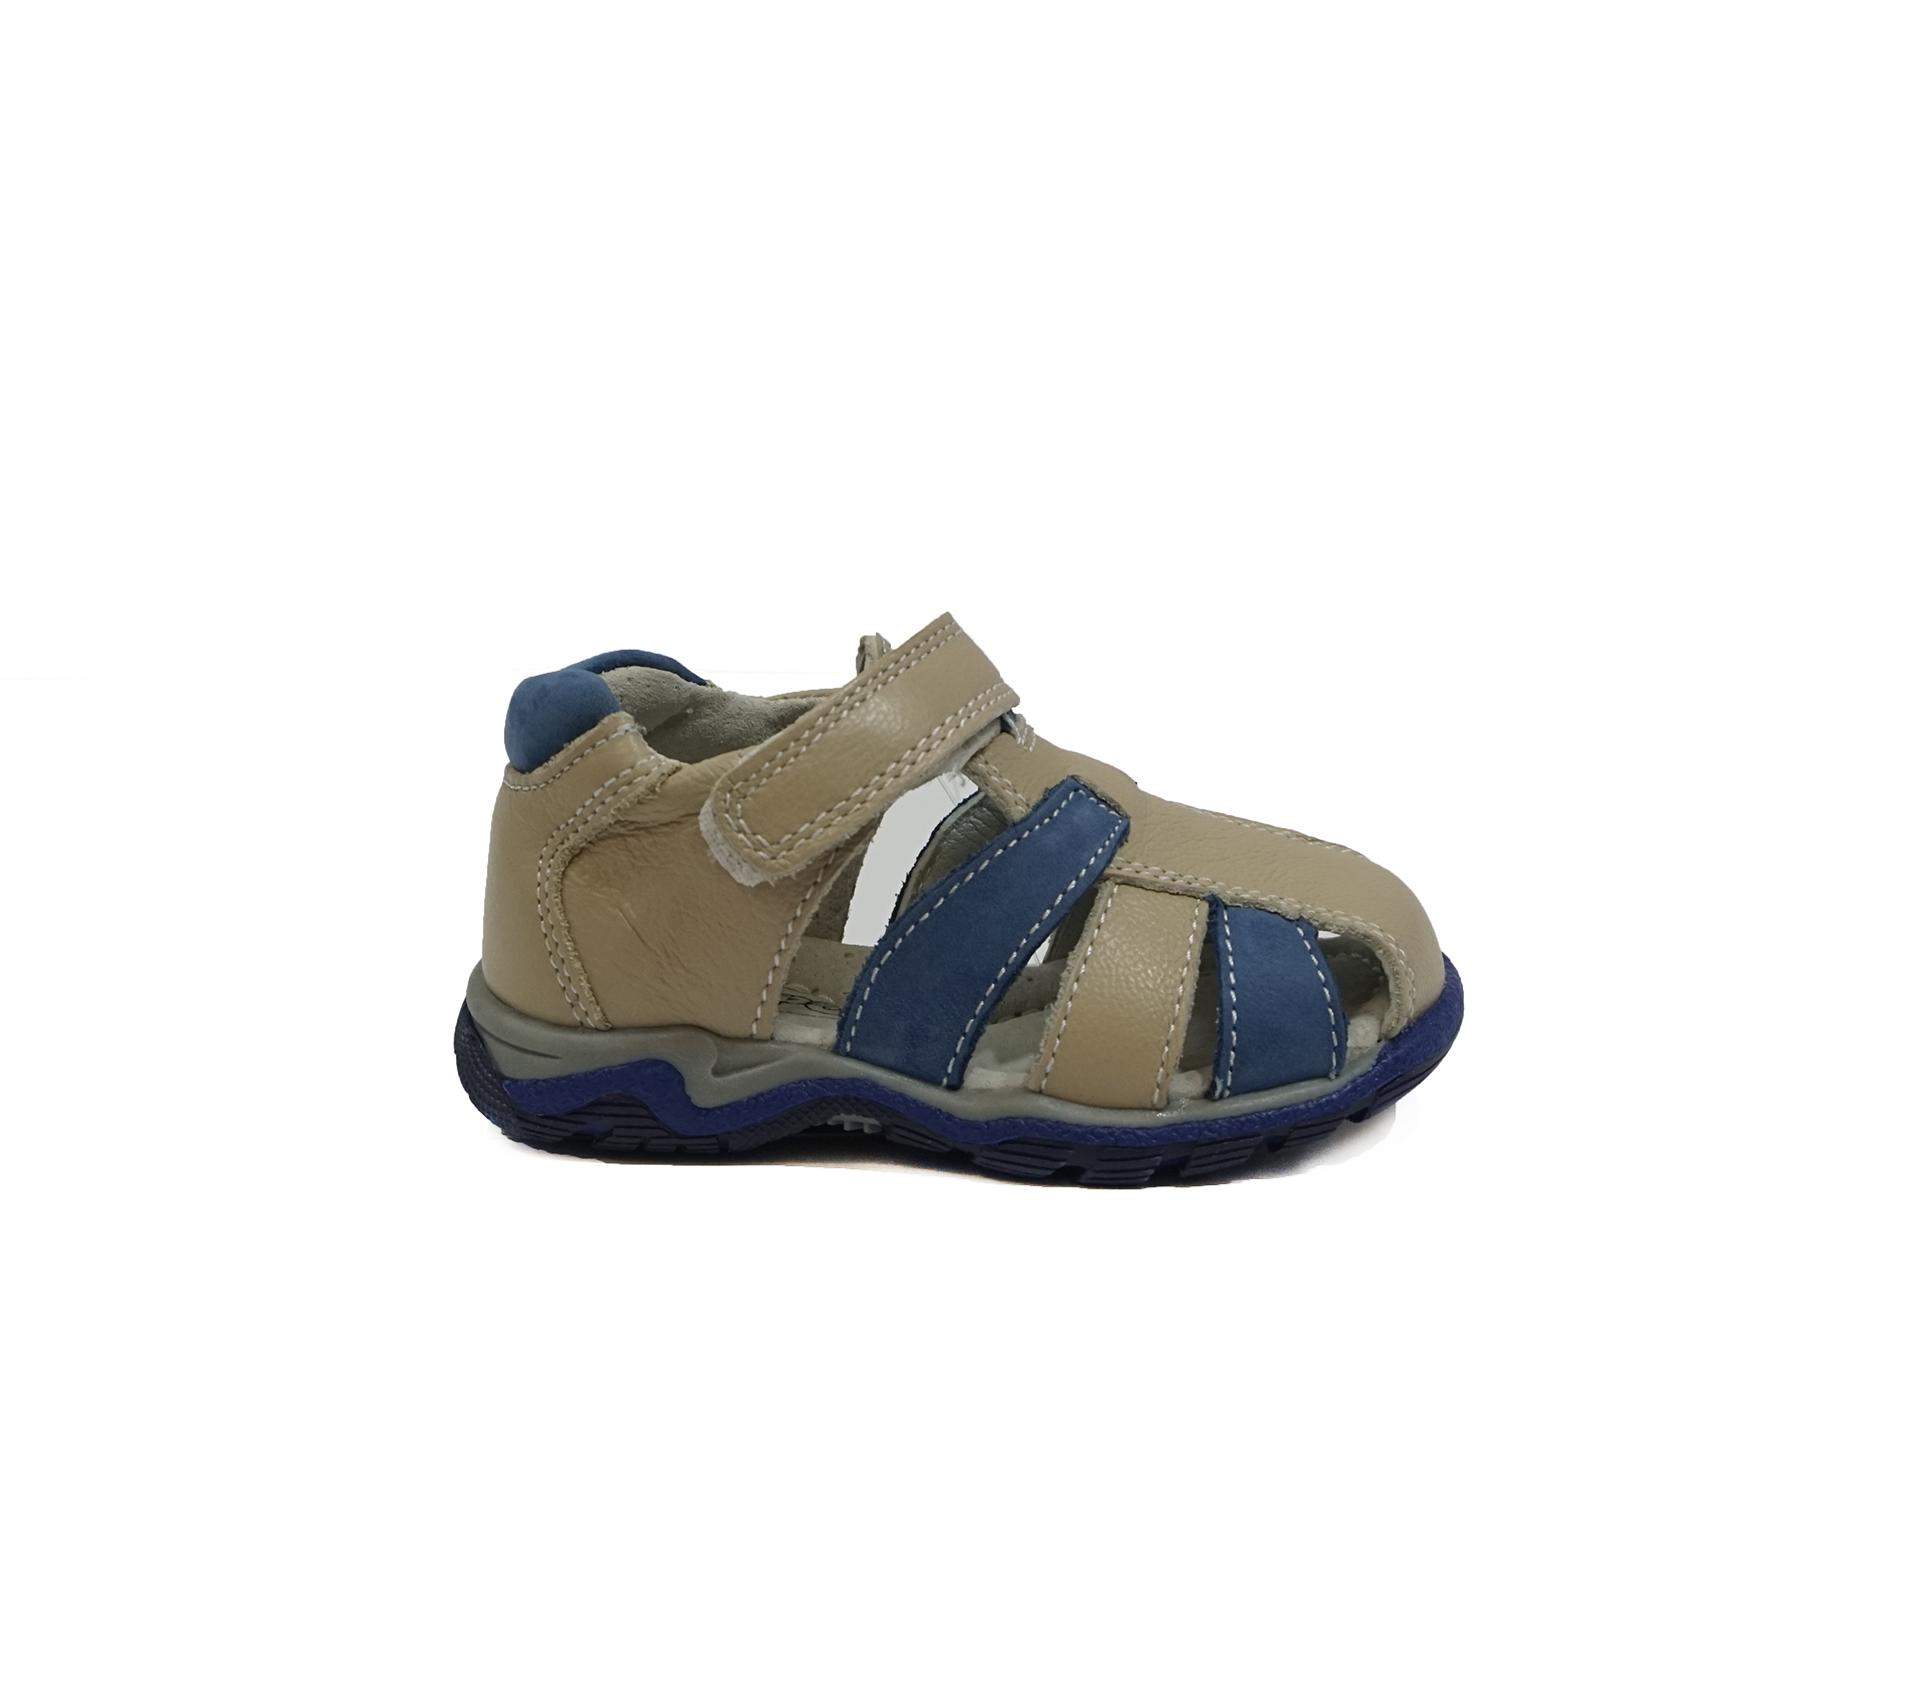 e6345f58628 Бебешки сандали CHIPPO | Обувки - Детски, дамски и мъжки обувки